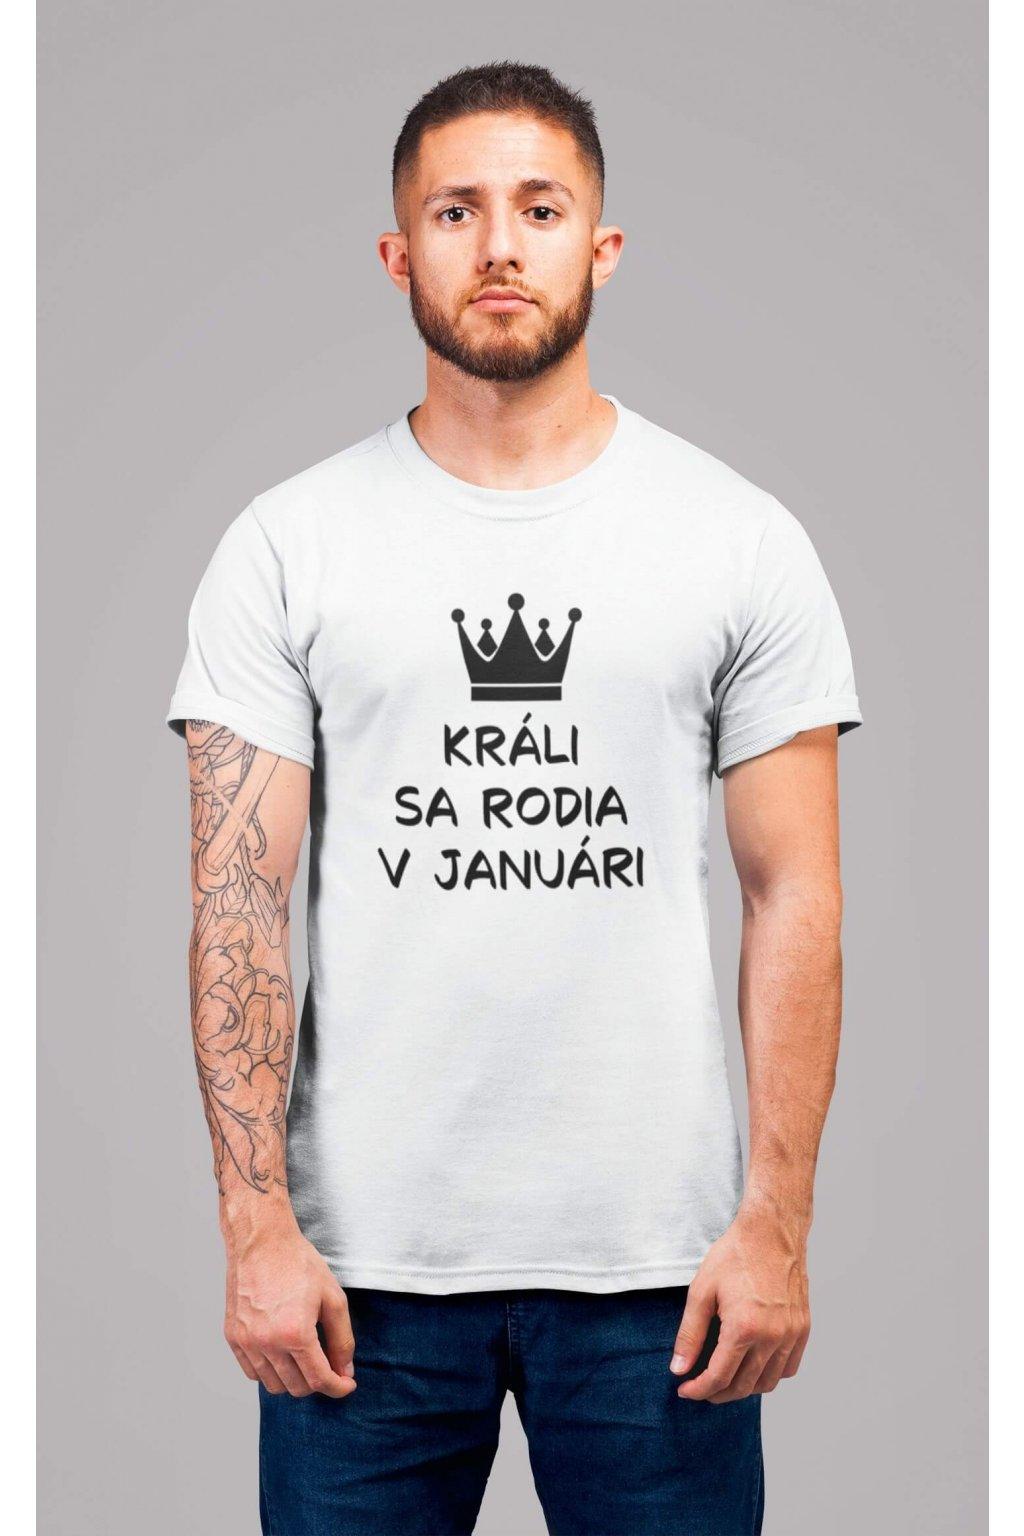 Pánske tričko Králi sa rodia v januári